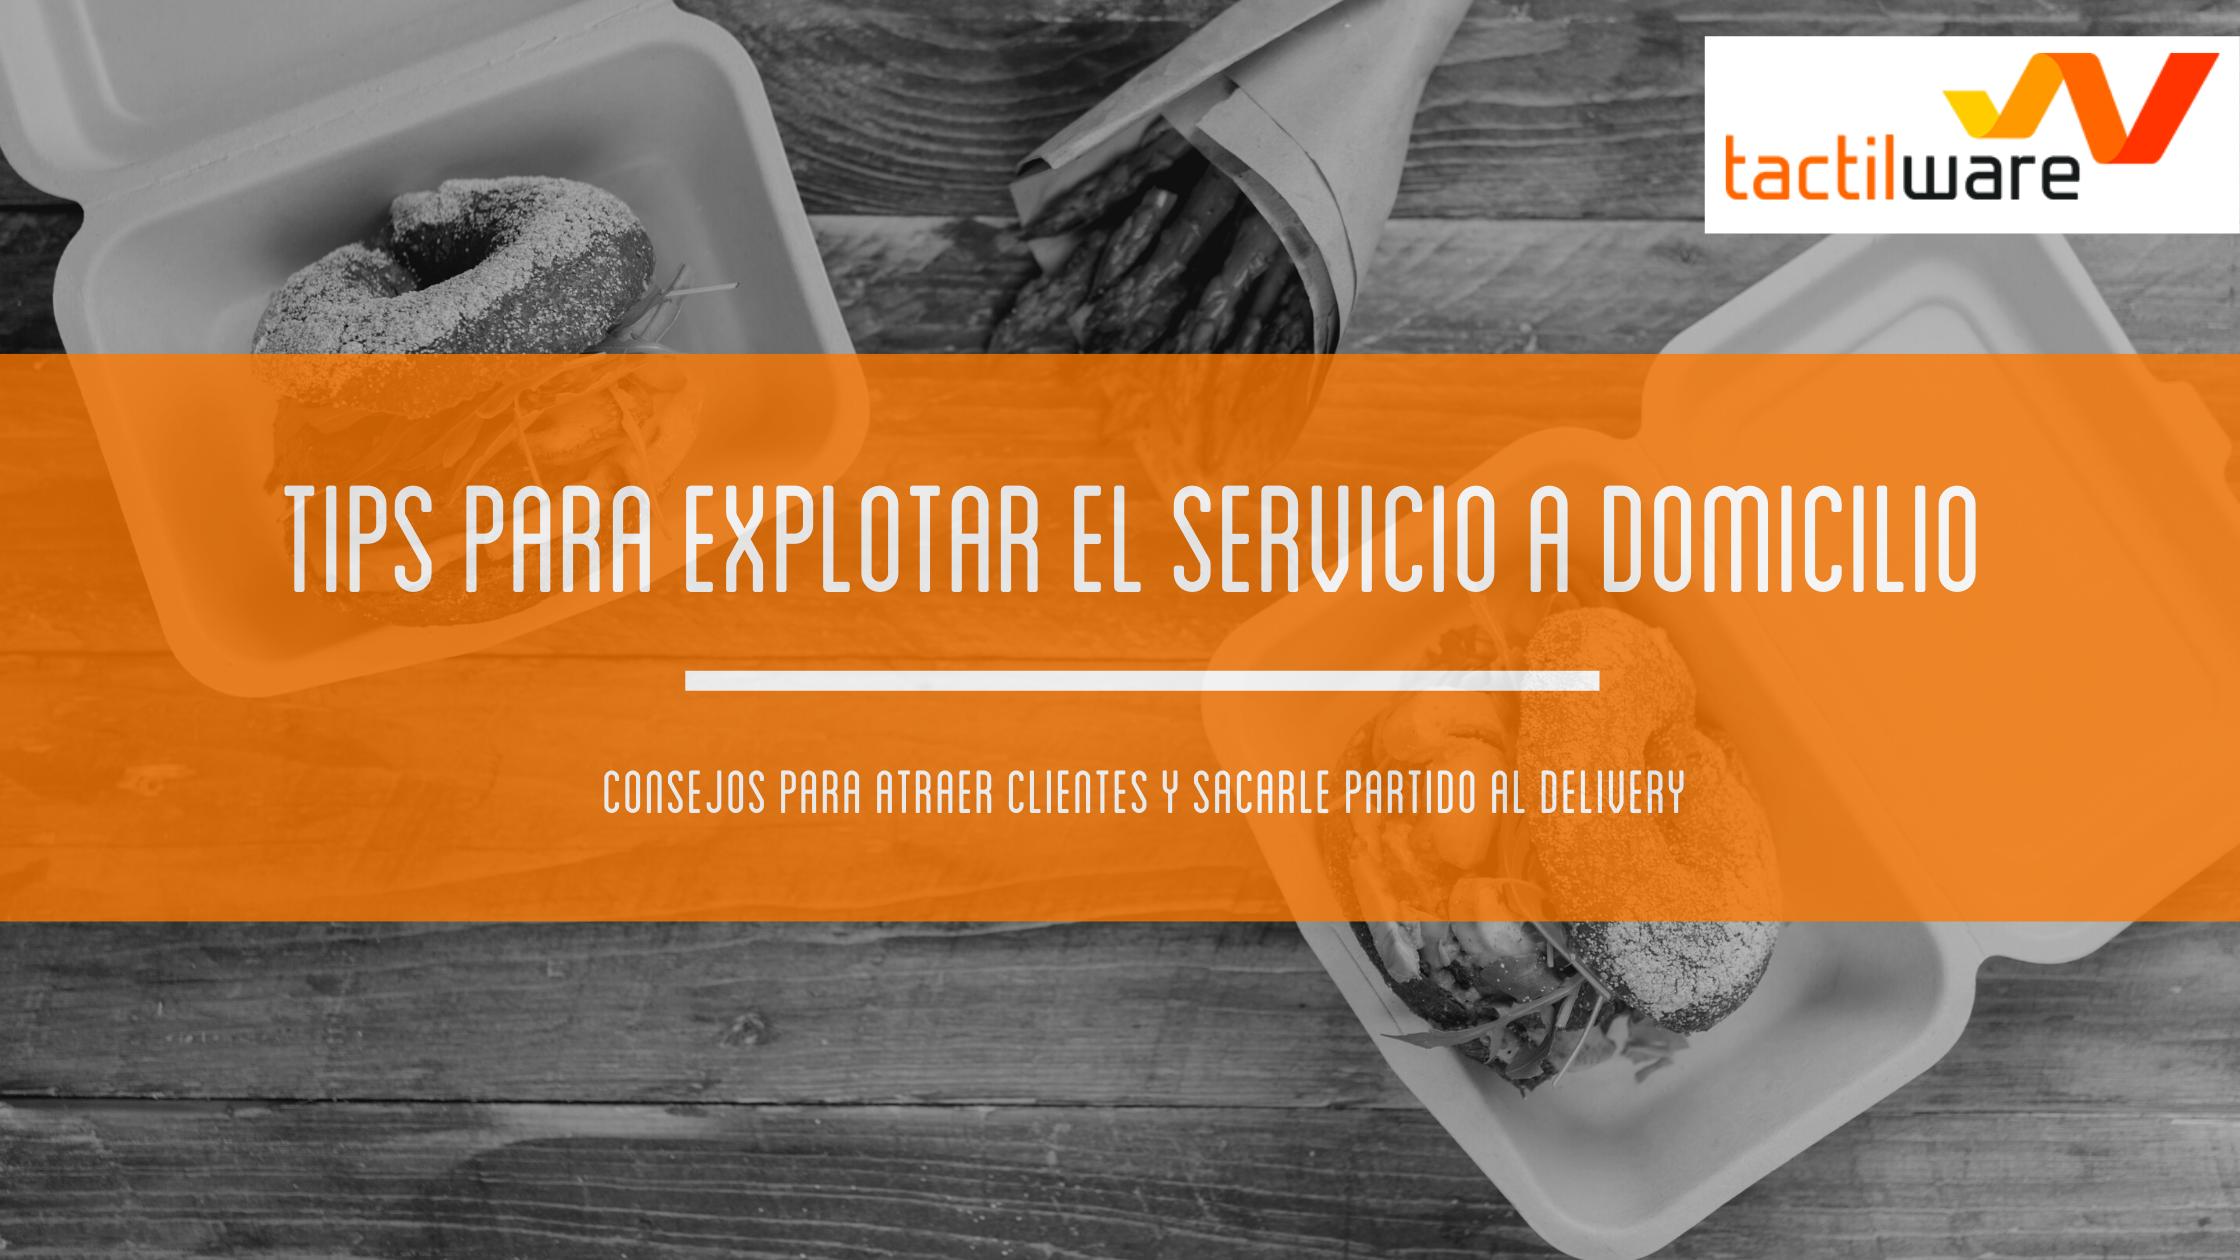 TIPS PARA EXPLOTAR EL SERVICIO DELIVERY